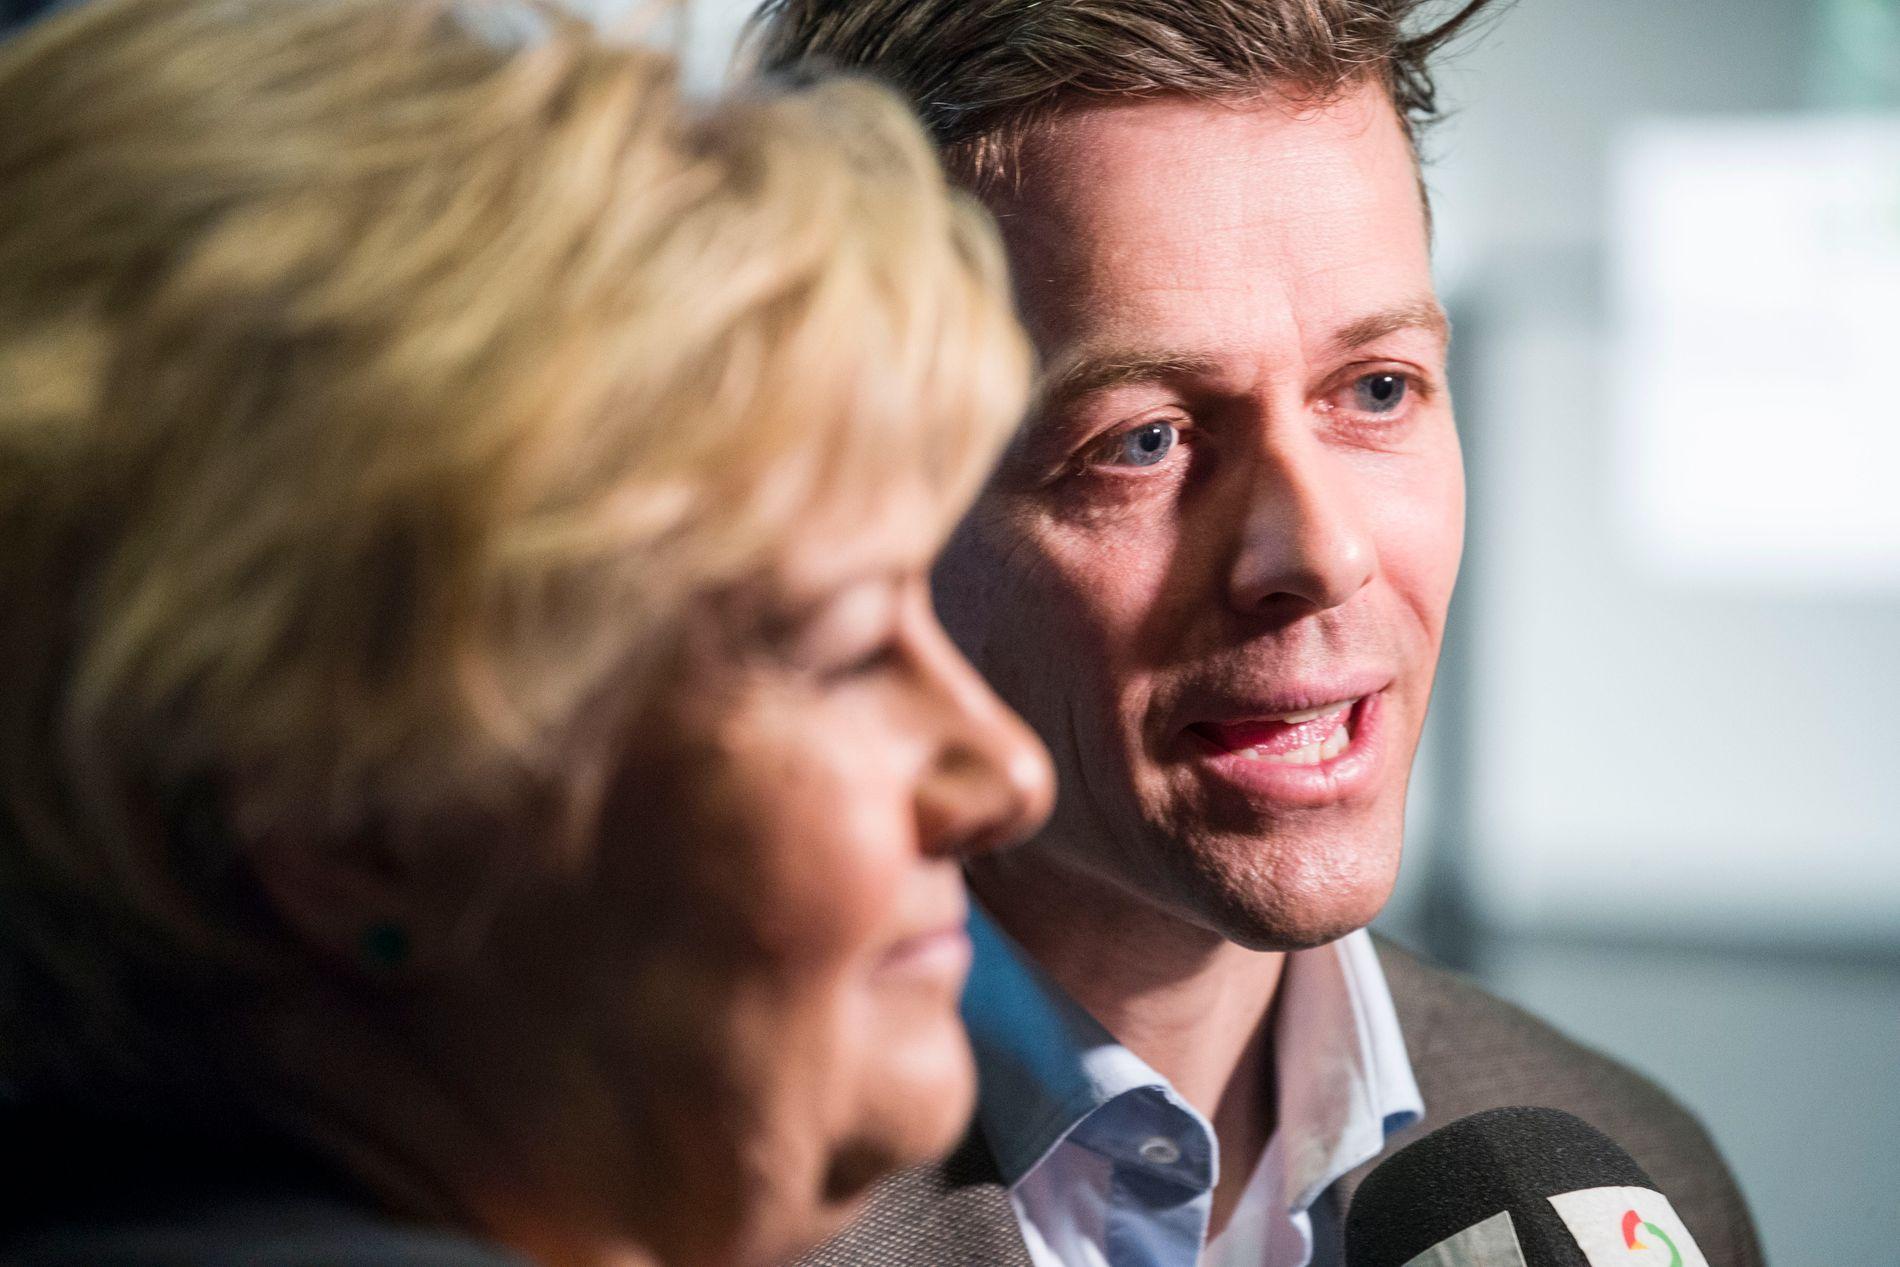 b0e13884 AVKLARER: For første gang avklarer KrF-leder Knut Arild Hareide hva han vil  gjøre etter valget om det er borgerlig flertall. Foto: Tore Kristiansen VG